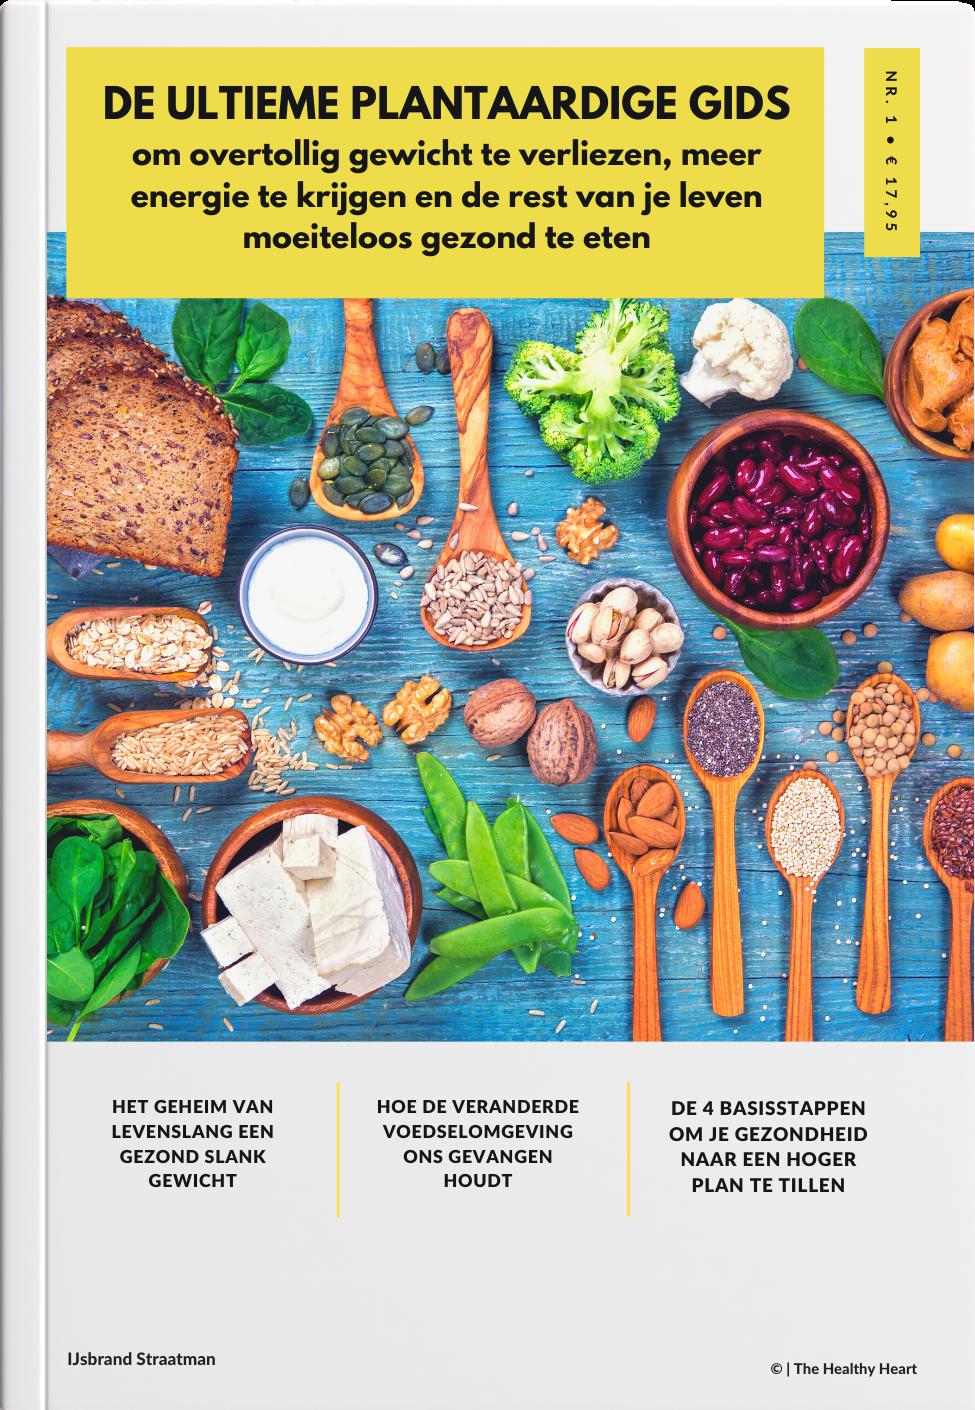 Vegan, afvallen, plantaardig, dieet, gewicht verliezen, meer energie